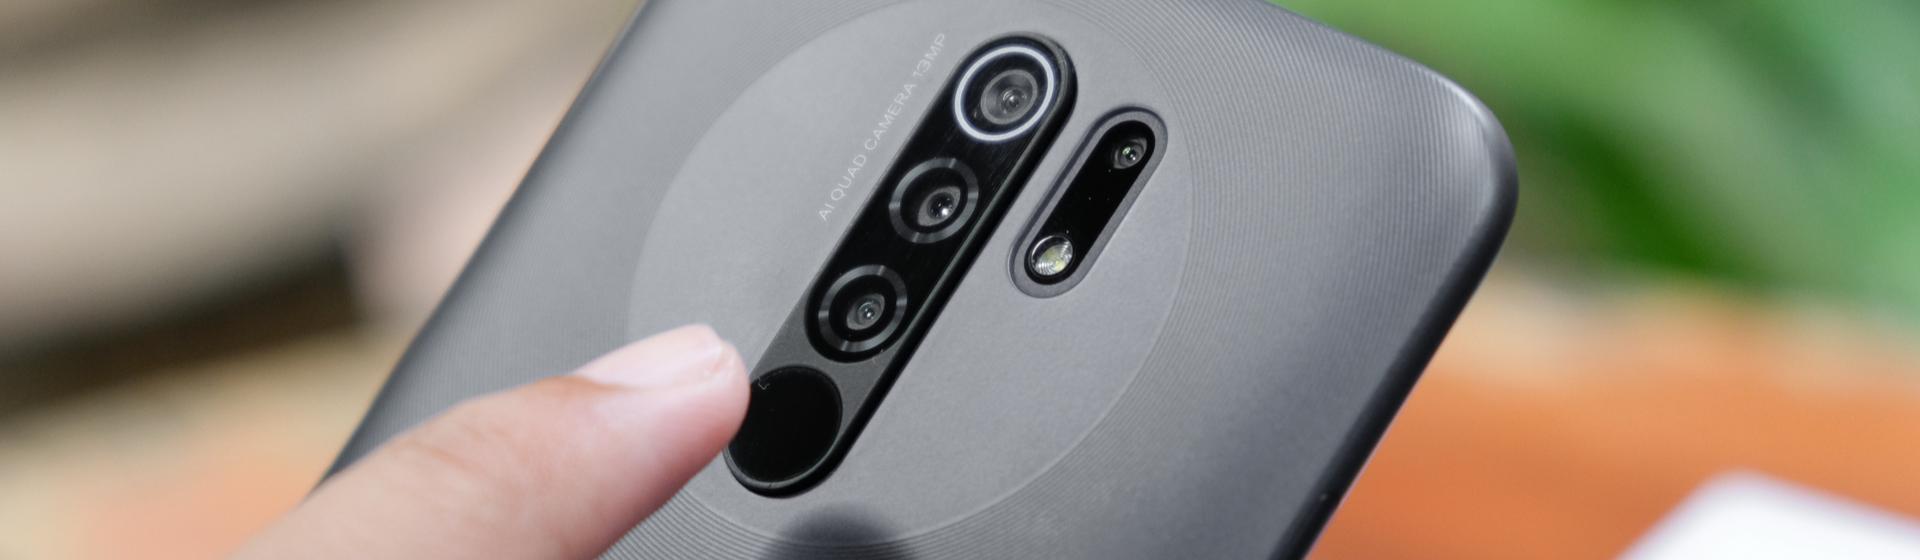 Redmi 9 vs Redmi 9A: conheça 5 diferenças entre os celulares Xiaomi